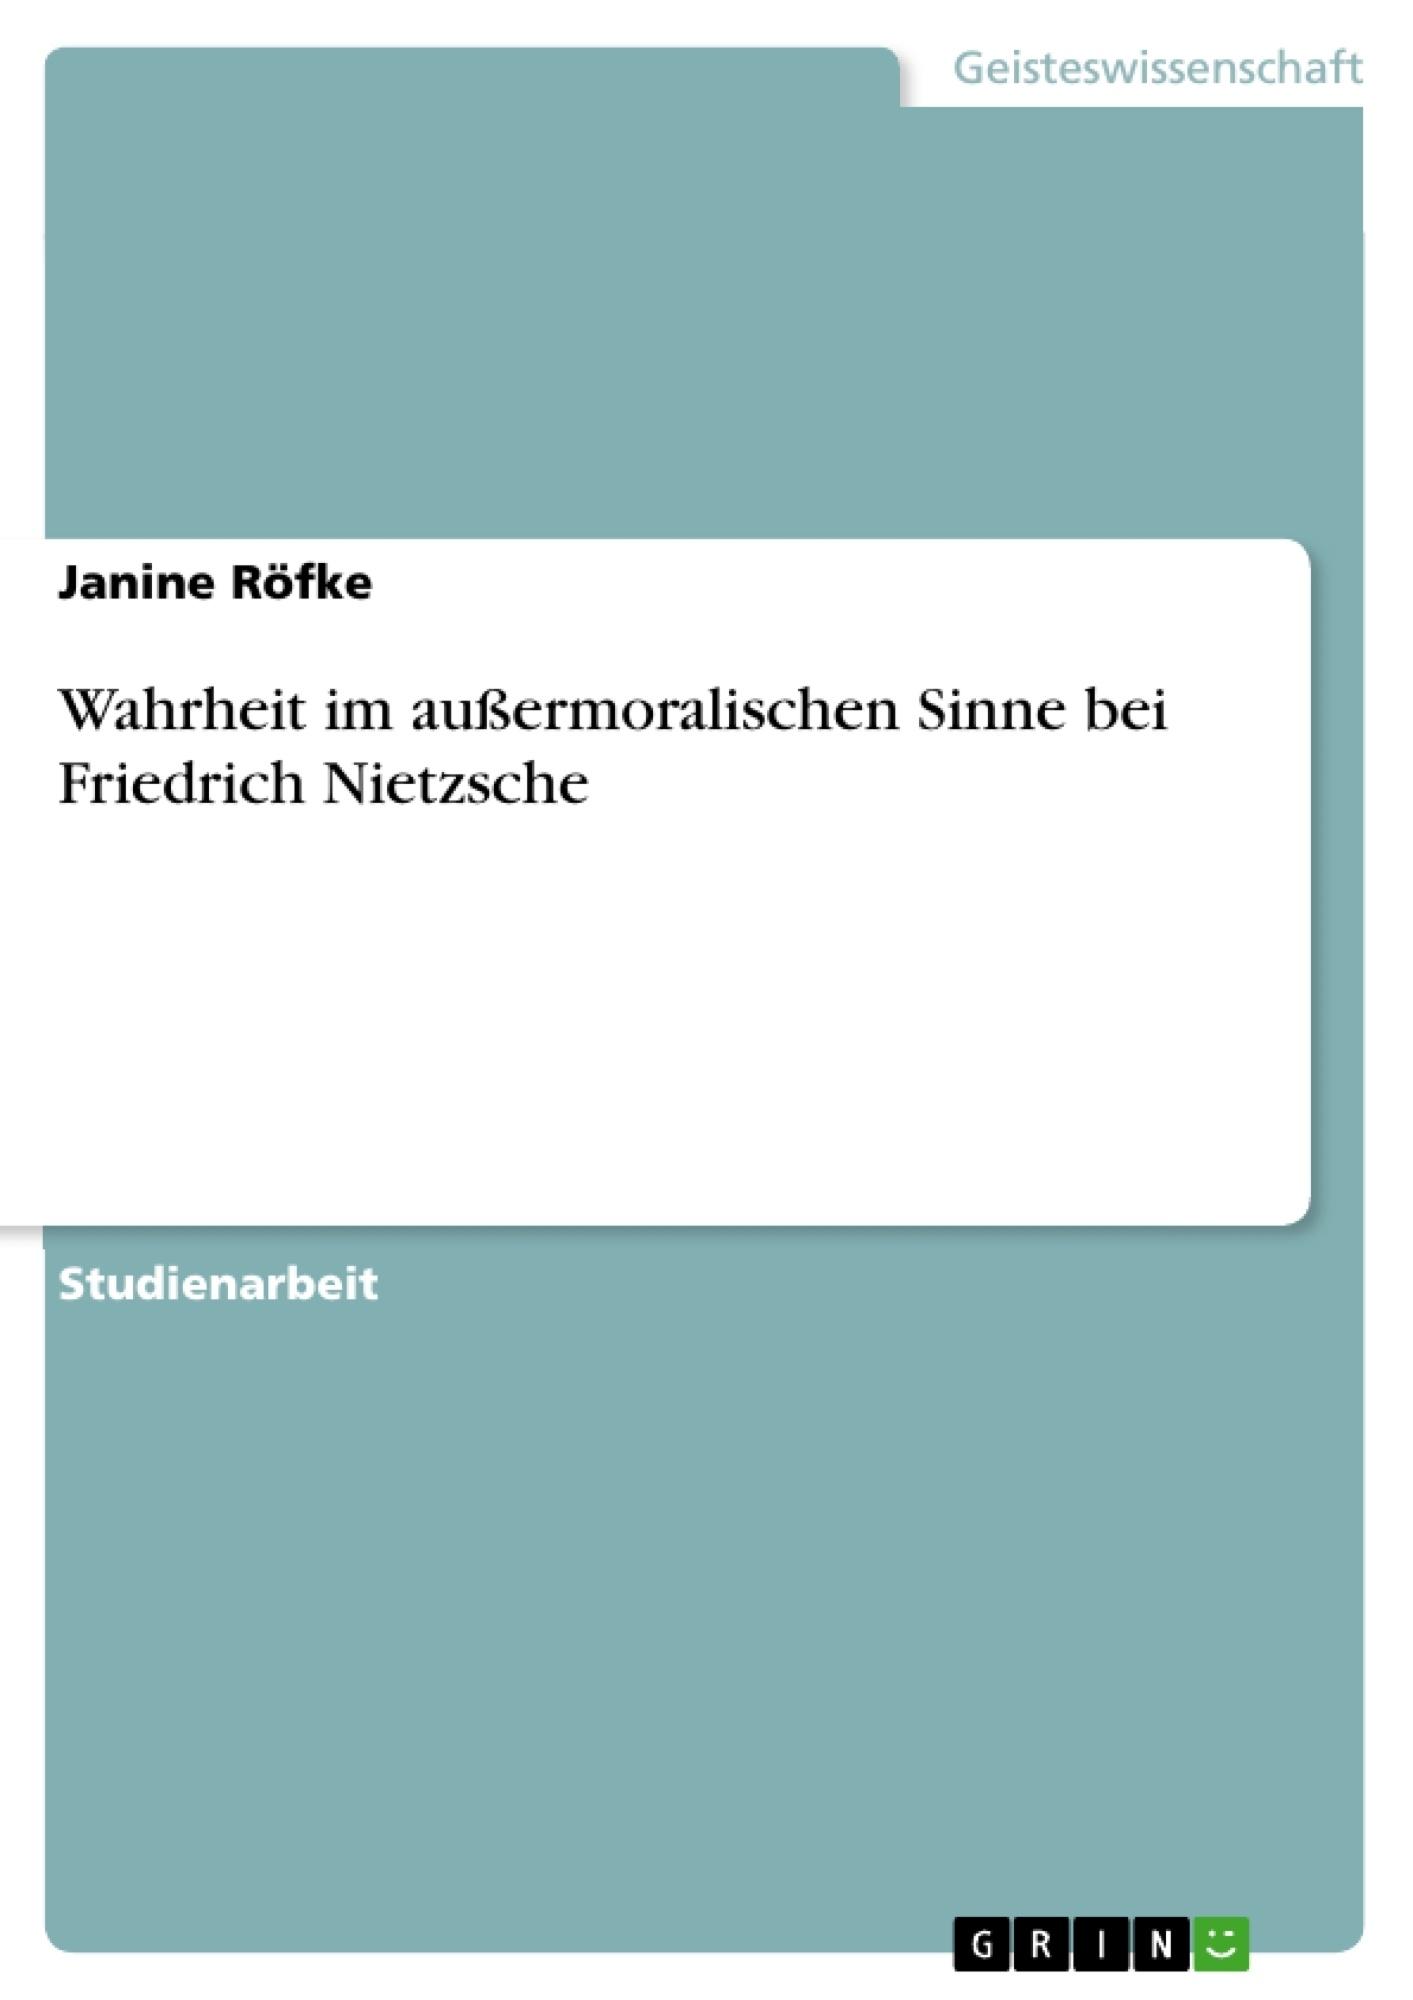 Titel: Wahrheit im außermoralischen Sinne bei Friedrich Nietzsche